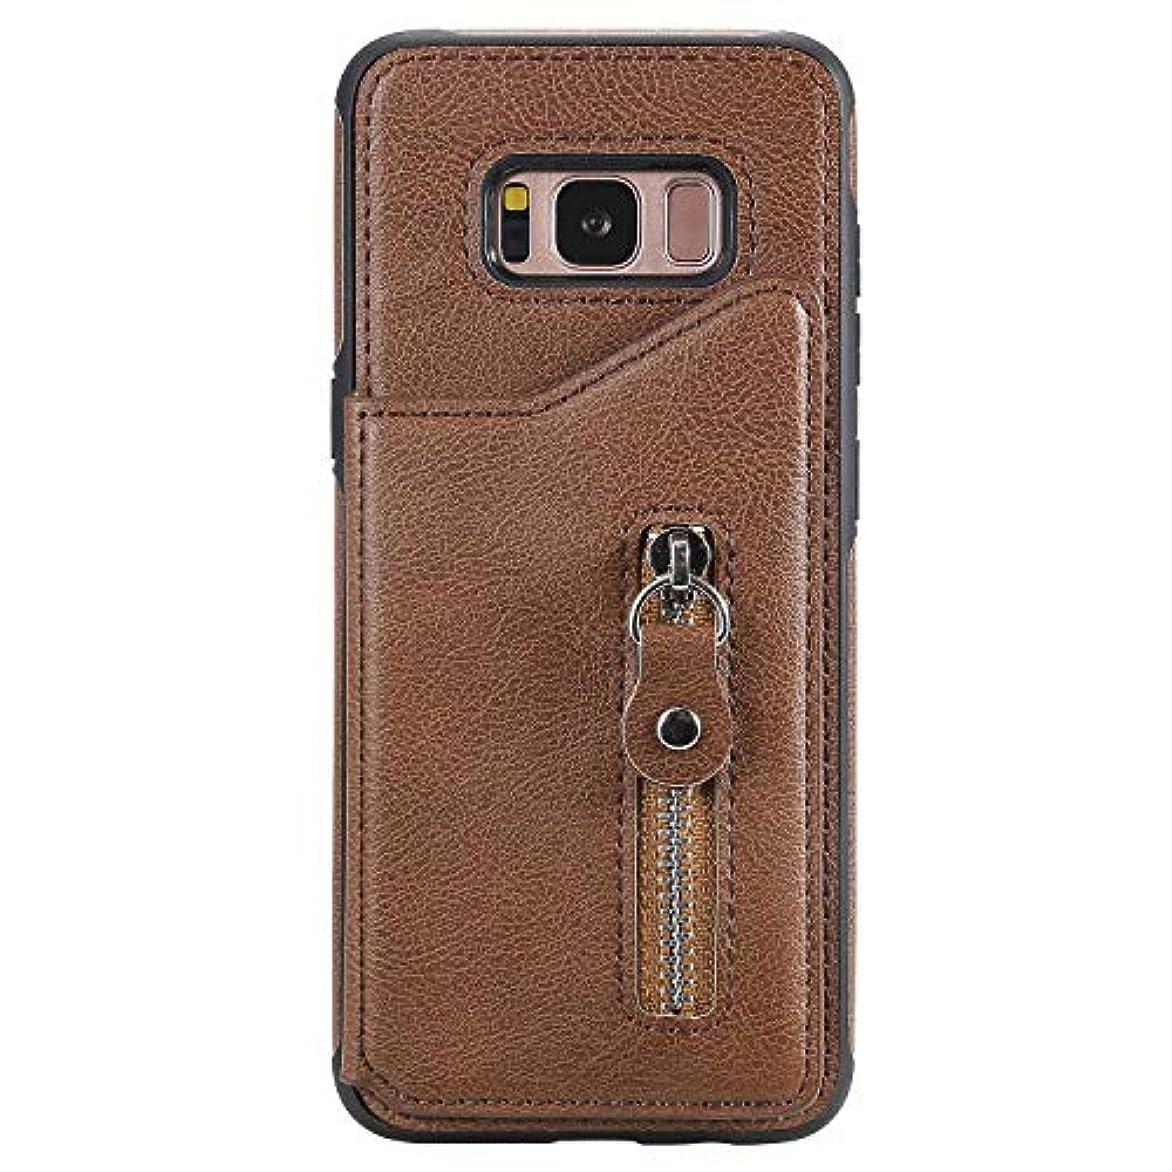 注ぎます爆風交響曲OMATENTI Galaxy S8 ケース, PUレザー 薄型 簡約風 人気 新品 バックケース Galaxy S8 用 Case Cover, 財布とコインポケット付き, 液晶保護 カード収納, 褐色